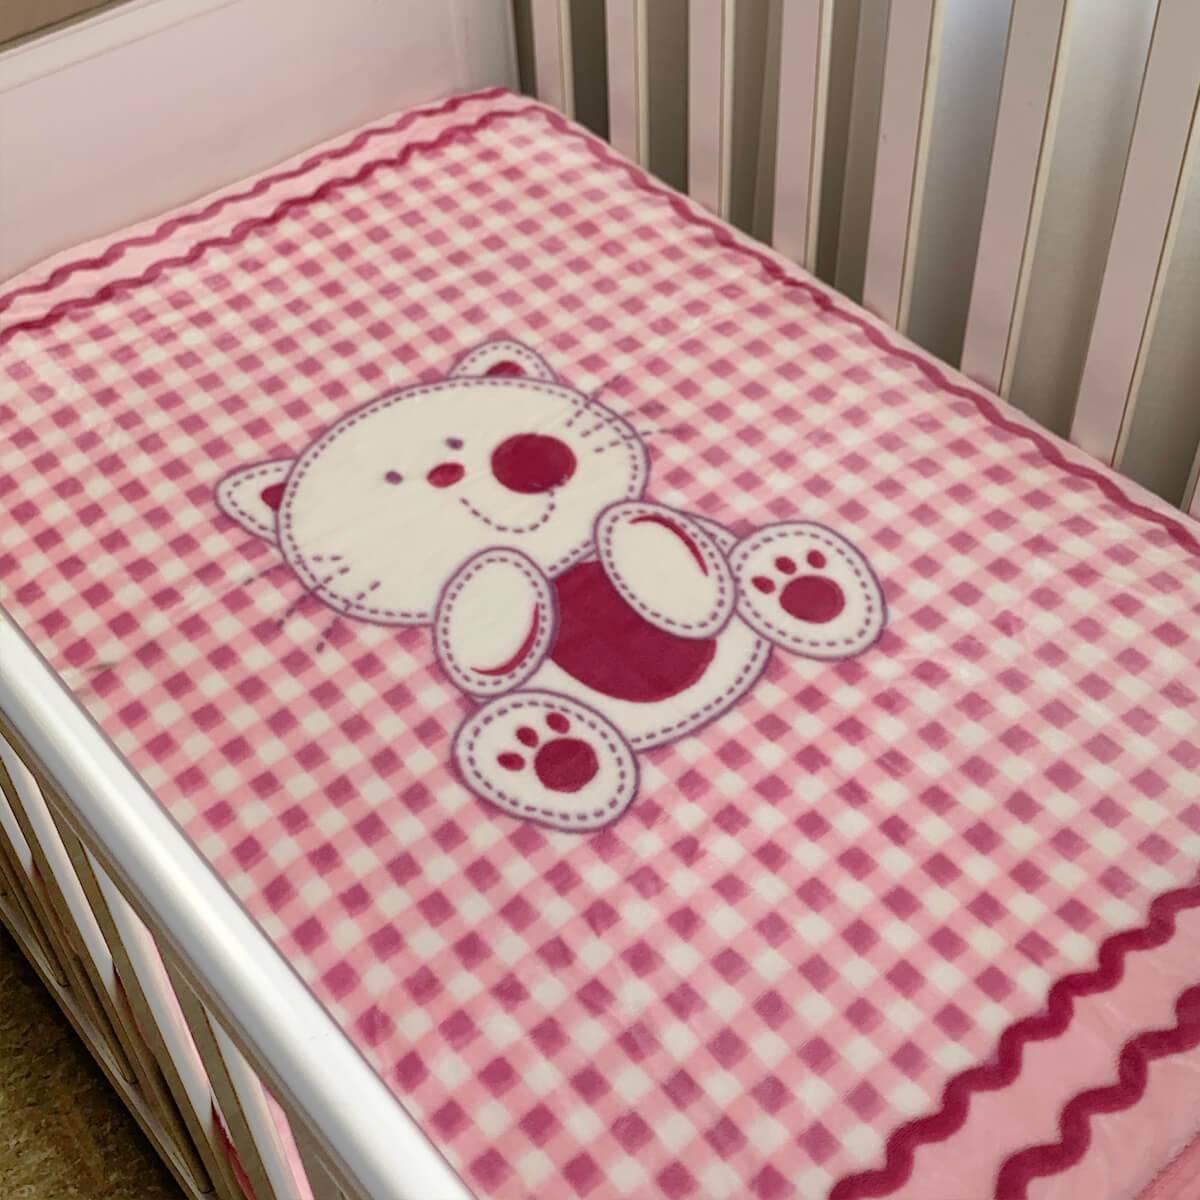 Cobertor Bebê Raschel Ursinha Antialérgico - Corttex